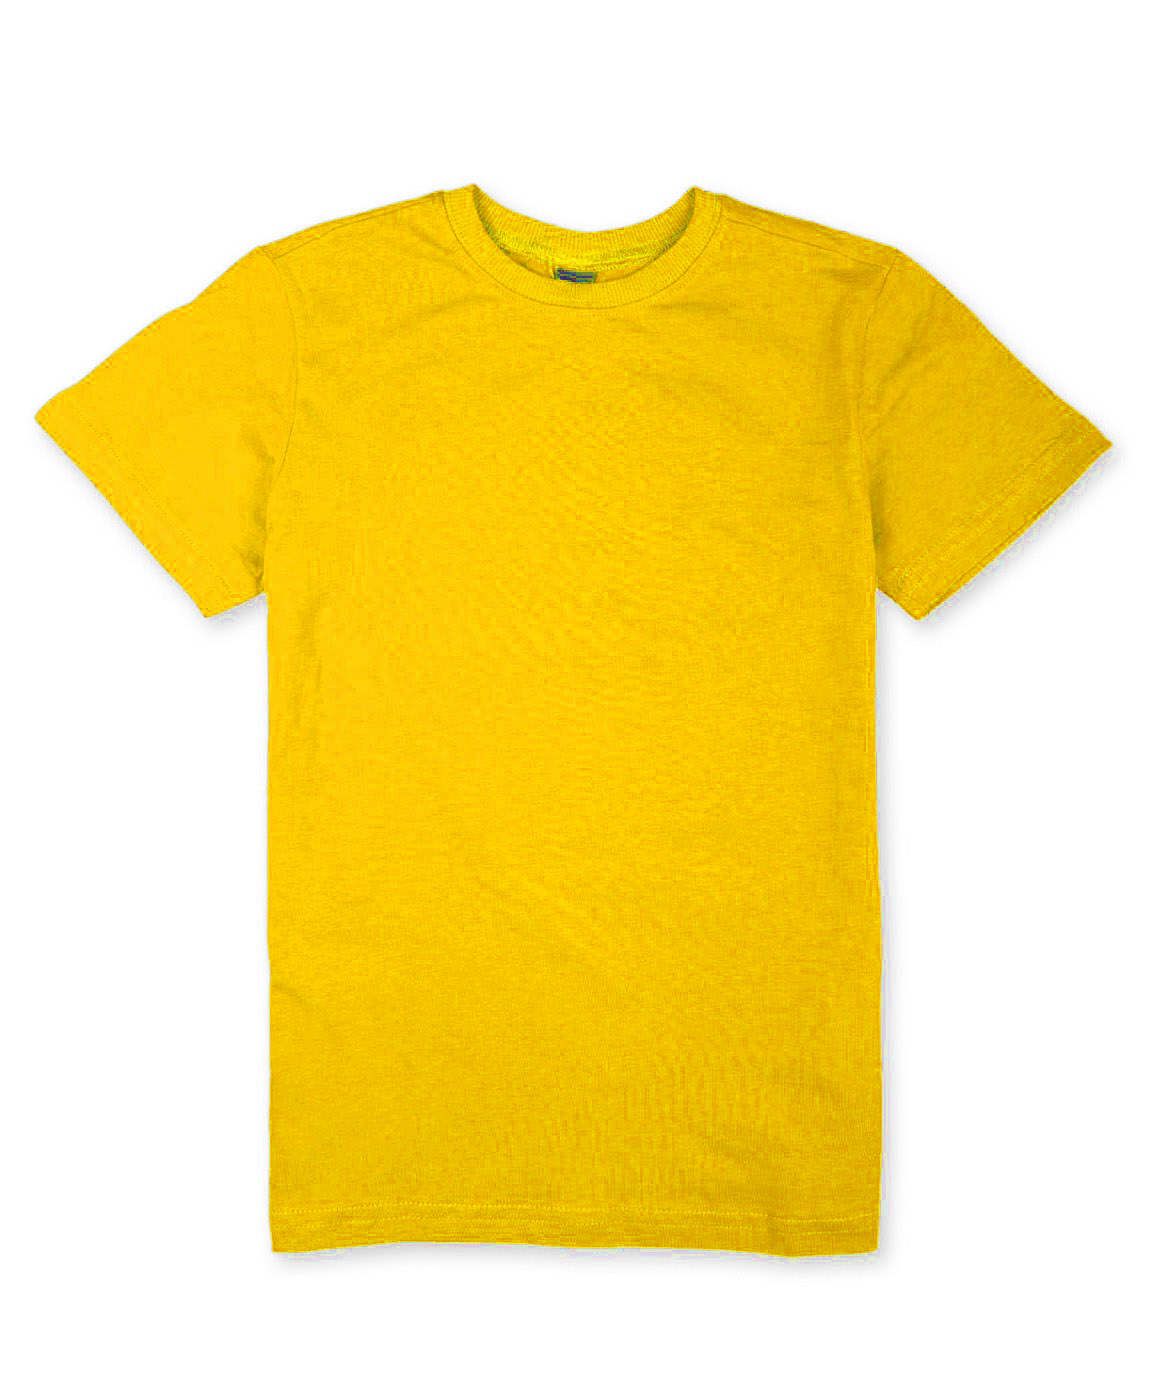 Футболка однотонная желтая, большие размерыКоллекция ВЕСНА-ЛЕТО<br><br><br>Размер: 68